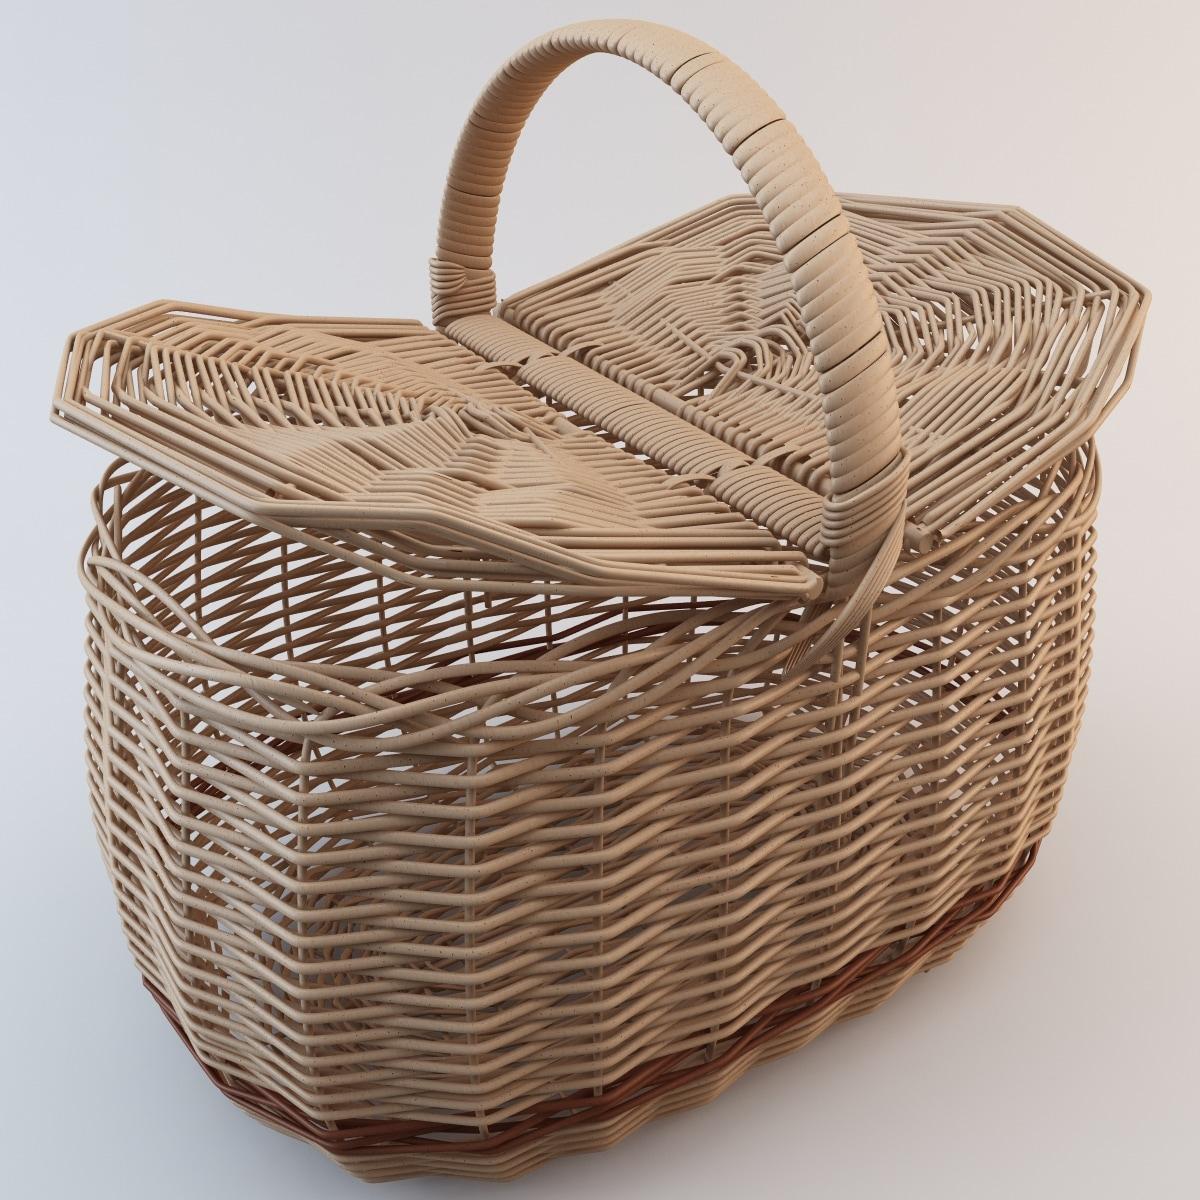 Wicker_Basket_2_002.jpg